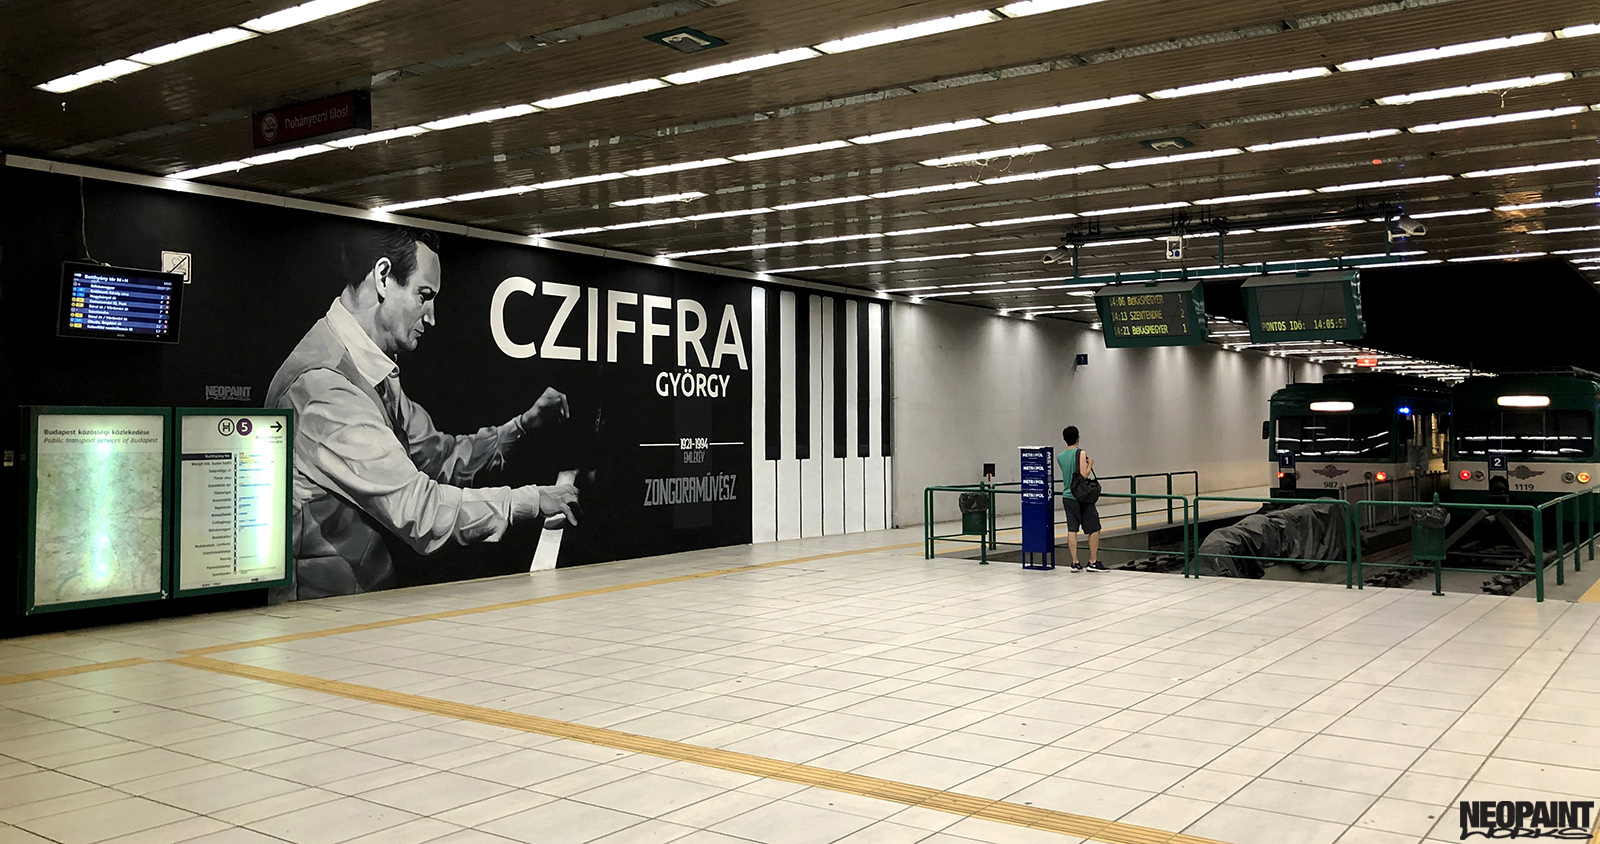 dekorációs falfestés - cziffra györgy - hév - graffiti - művészi falfestés - neopaint works (19)